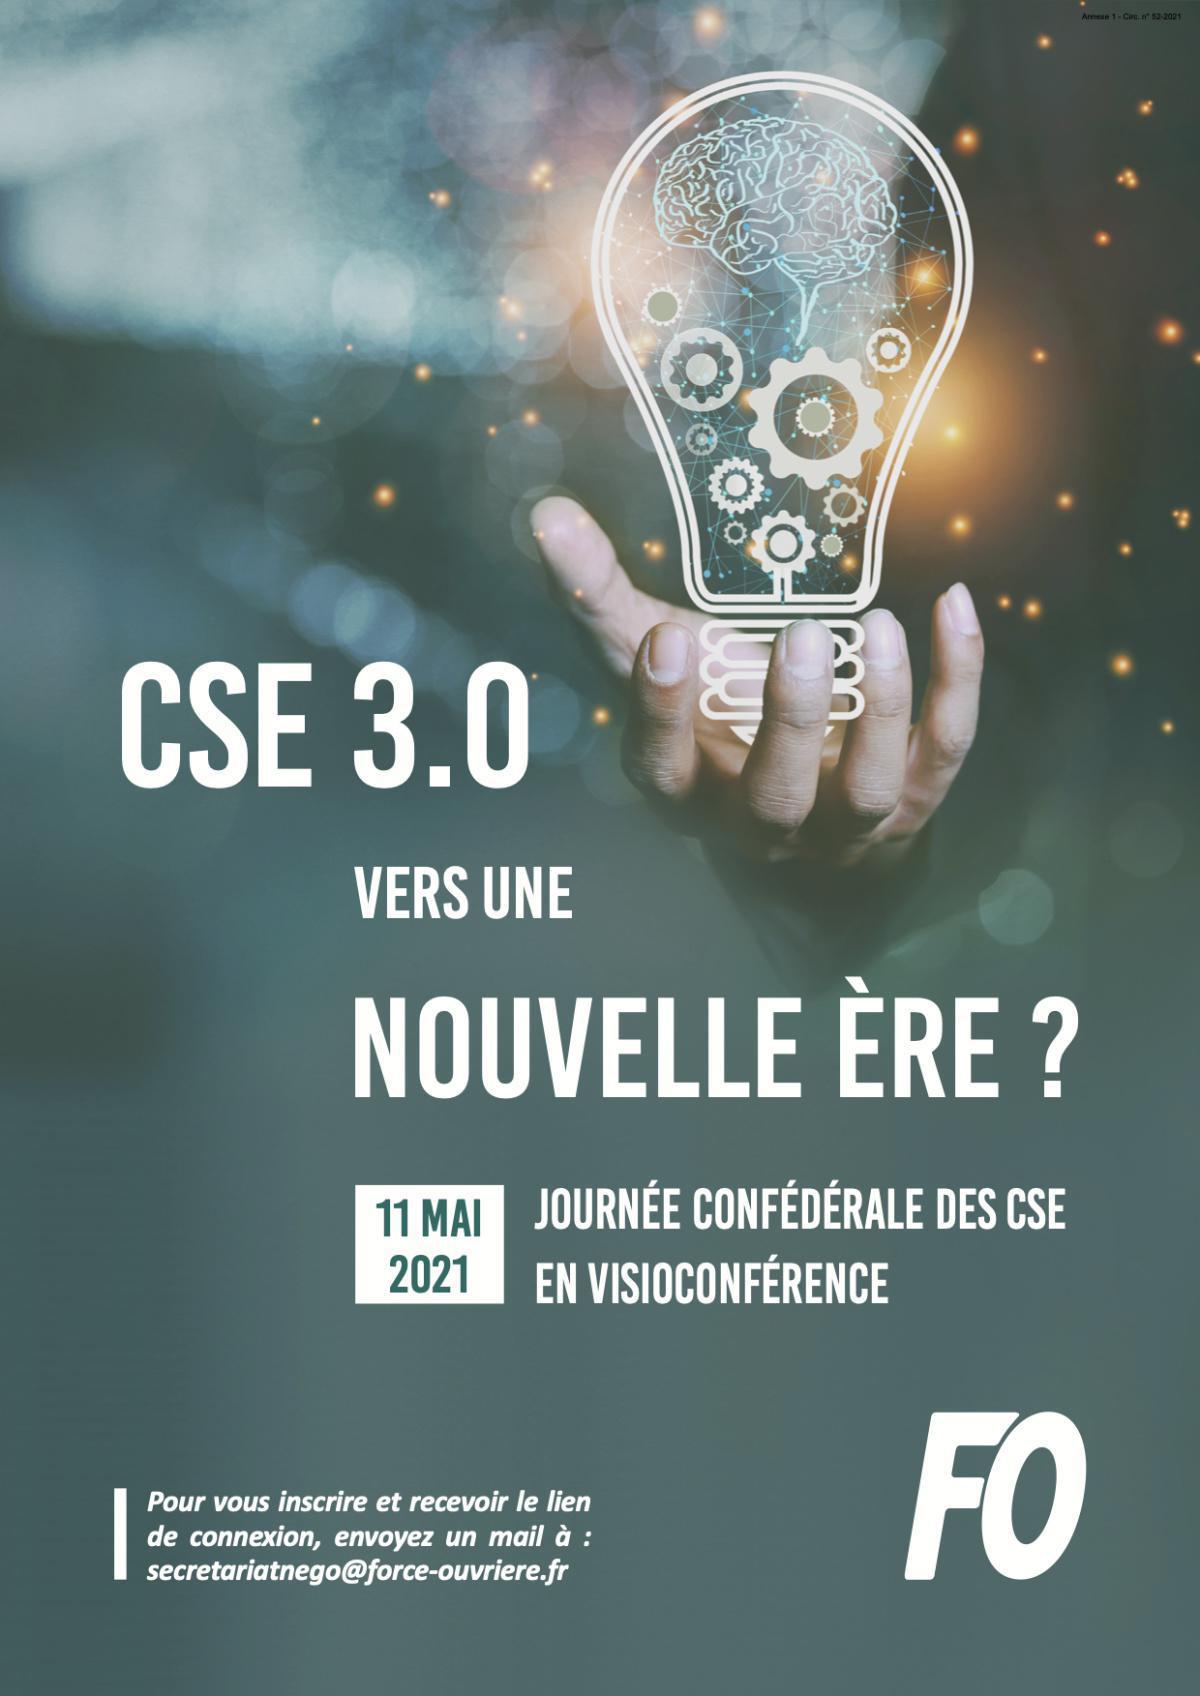 Journée confédérale des CSE du 11 mai 2021 - Le CSE 3.0 : vers une nouvelle ère ?